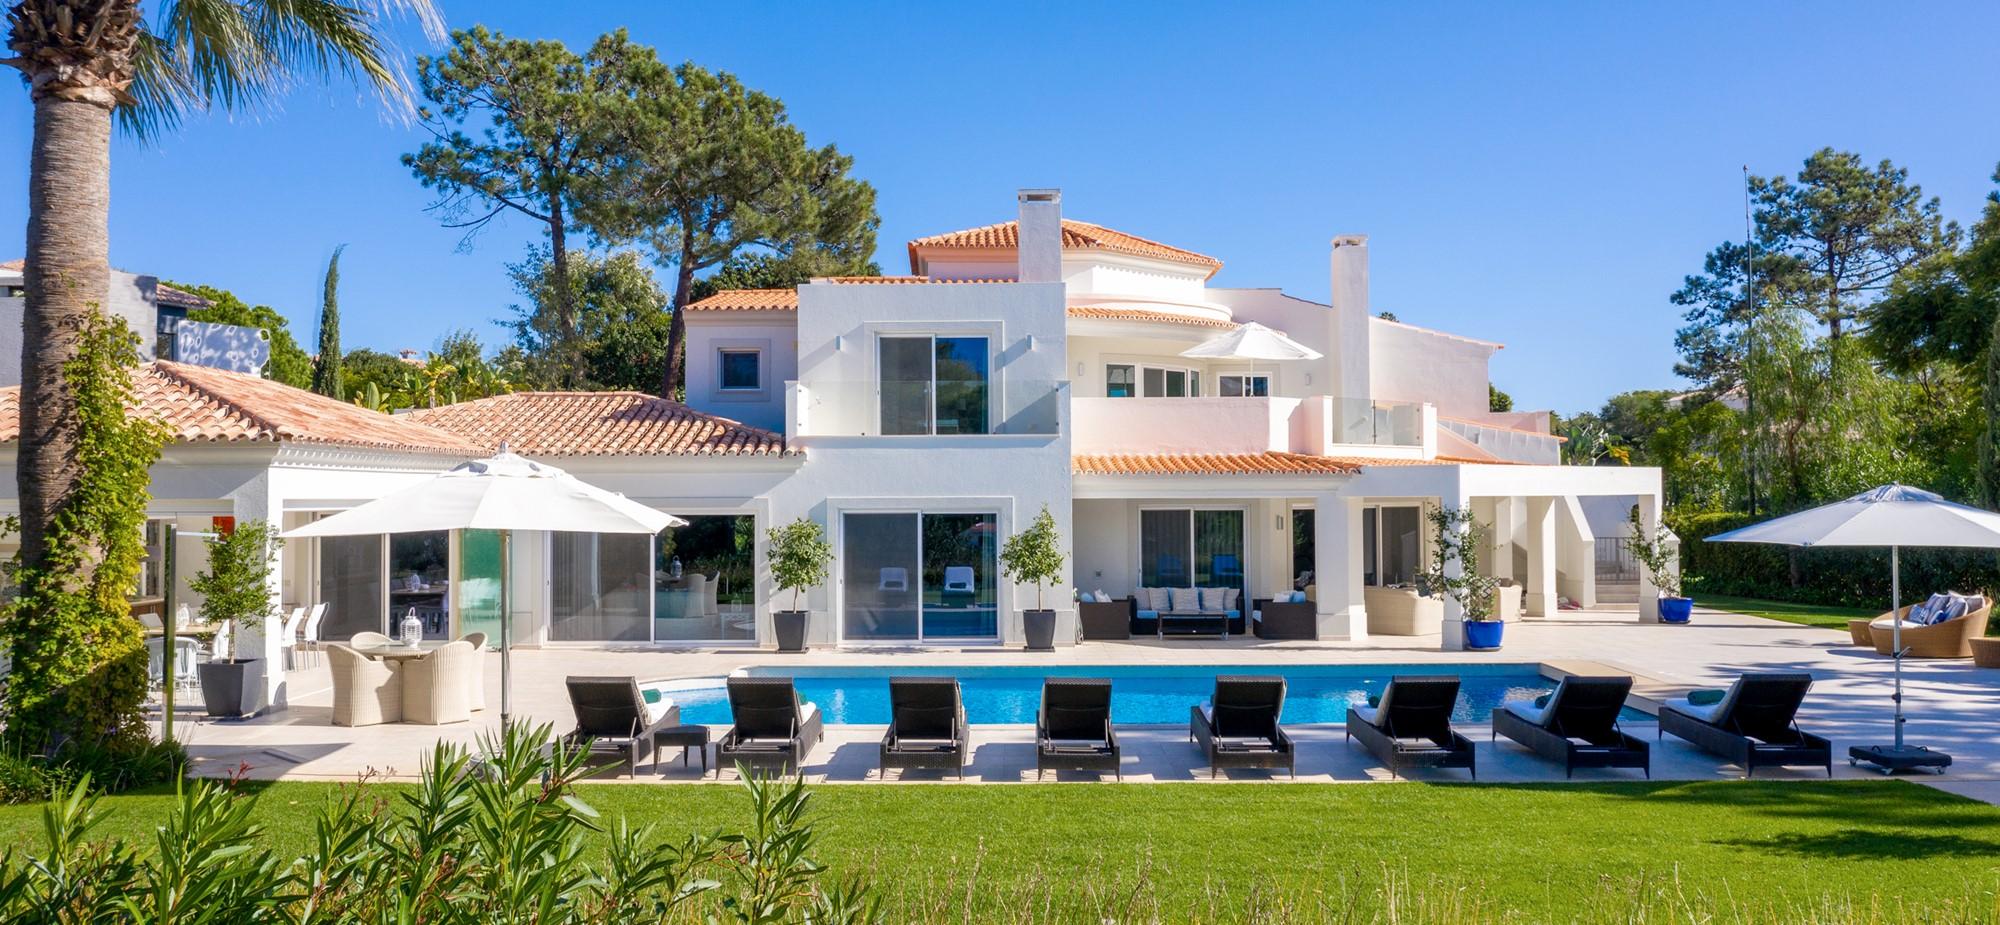 Private Villas In Portugal villa rentals algarve | luxury villas with pools